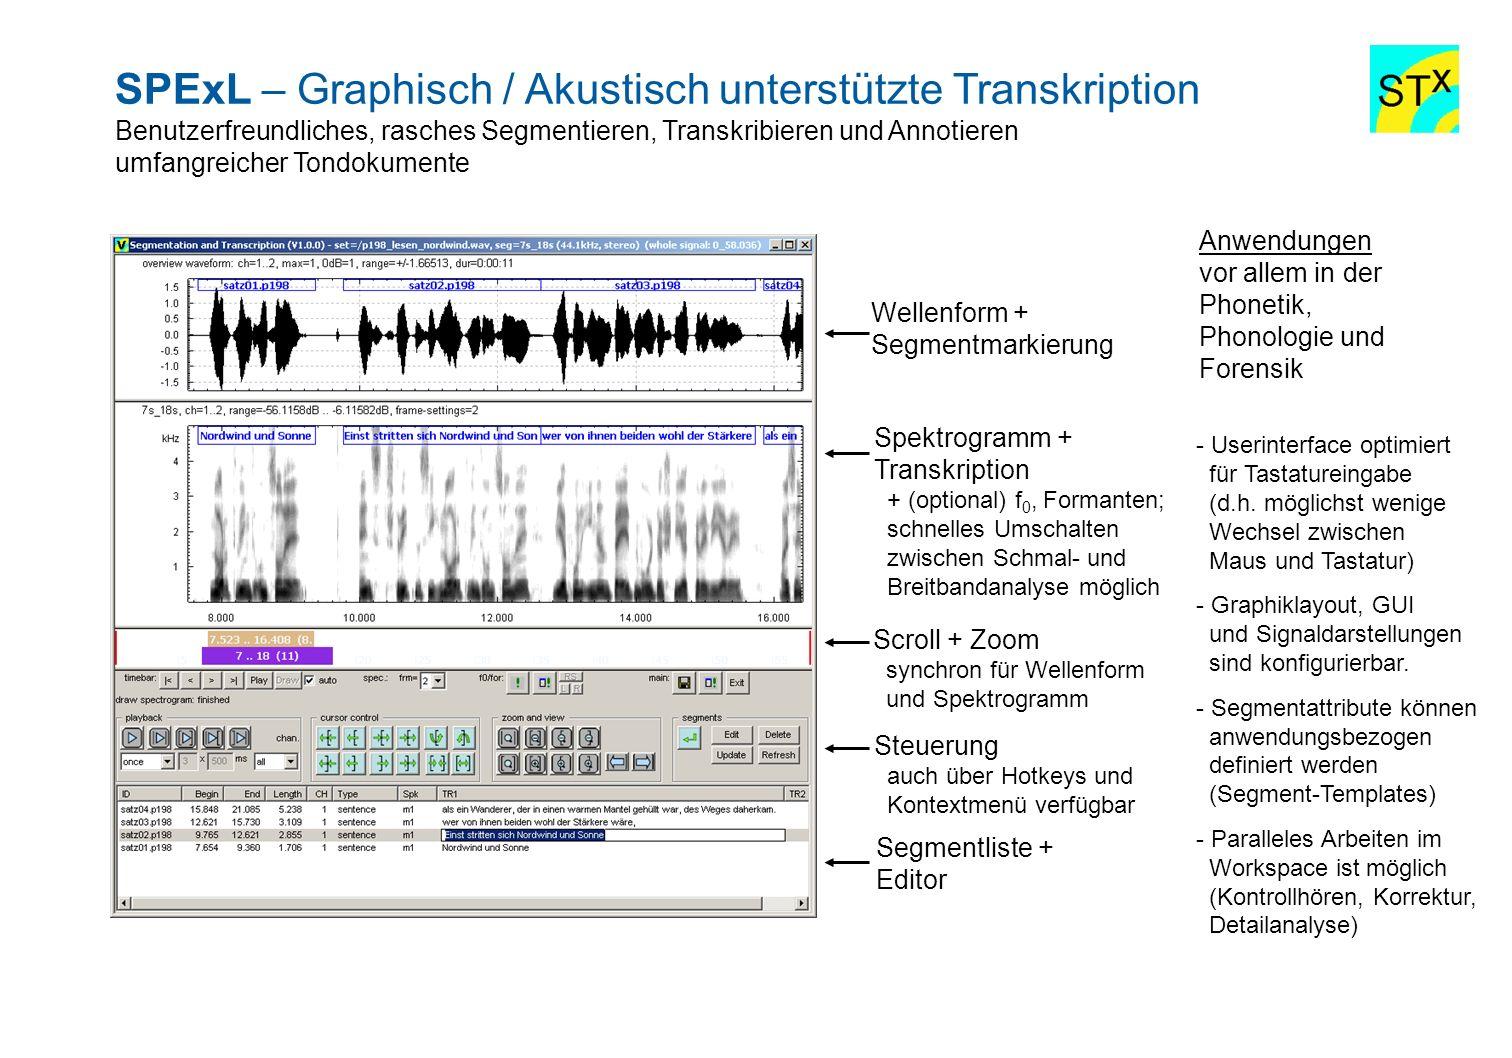 SPExL – Graphisch / Akustisch unterstützte Transkription